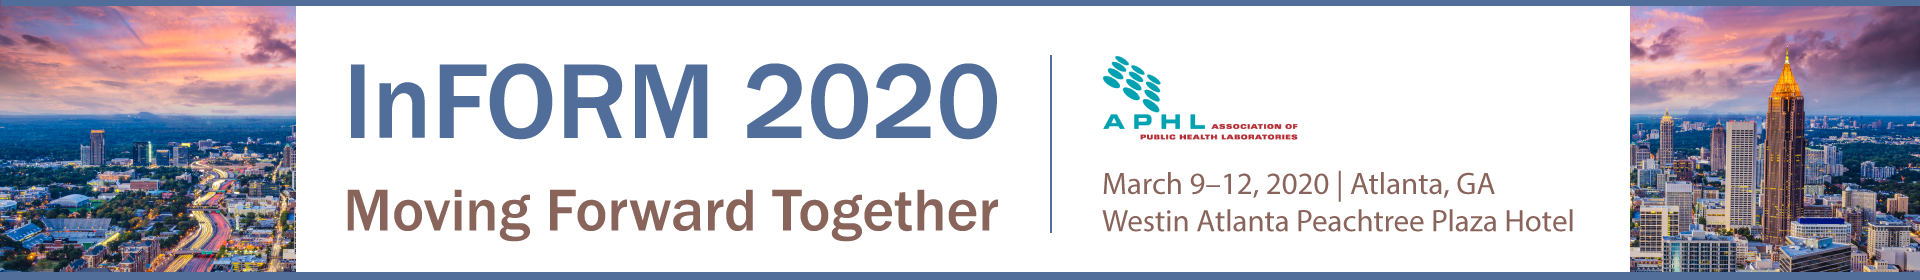 InFORM 2020 Moving Forward Together Event Banner